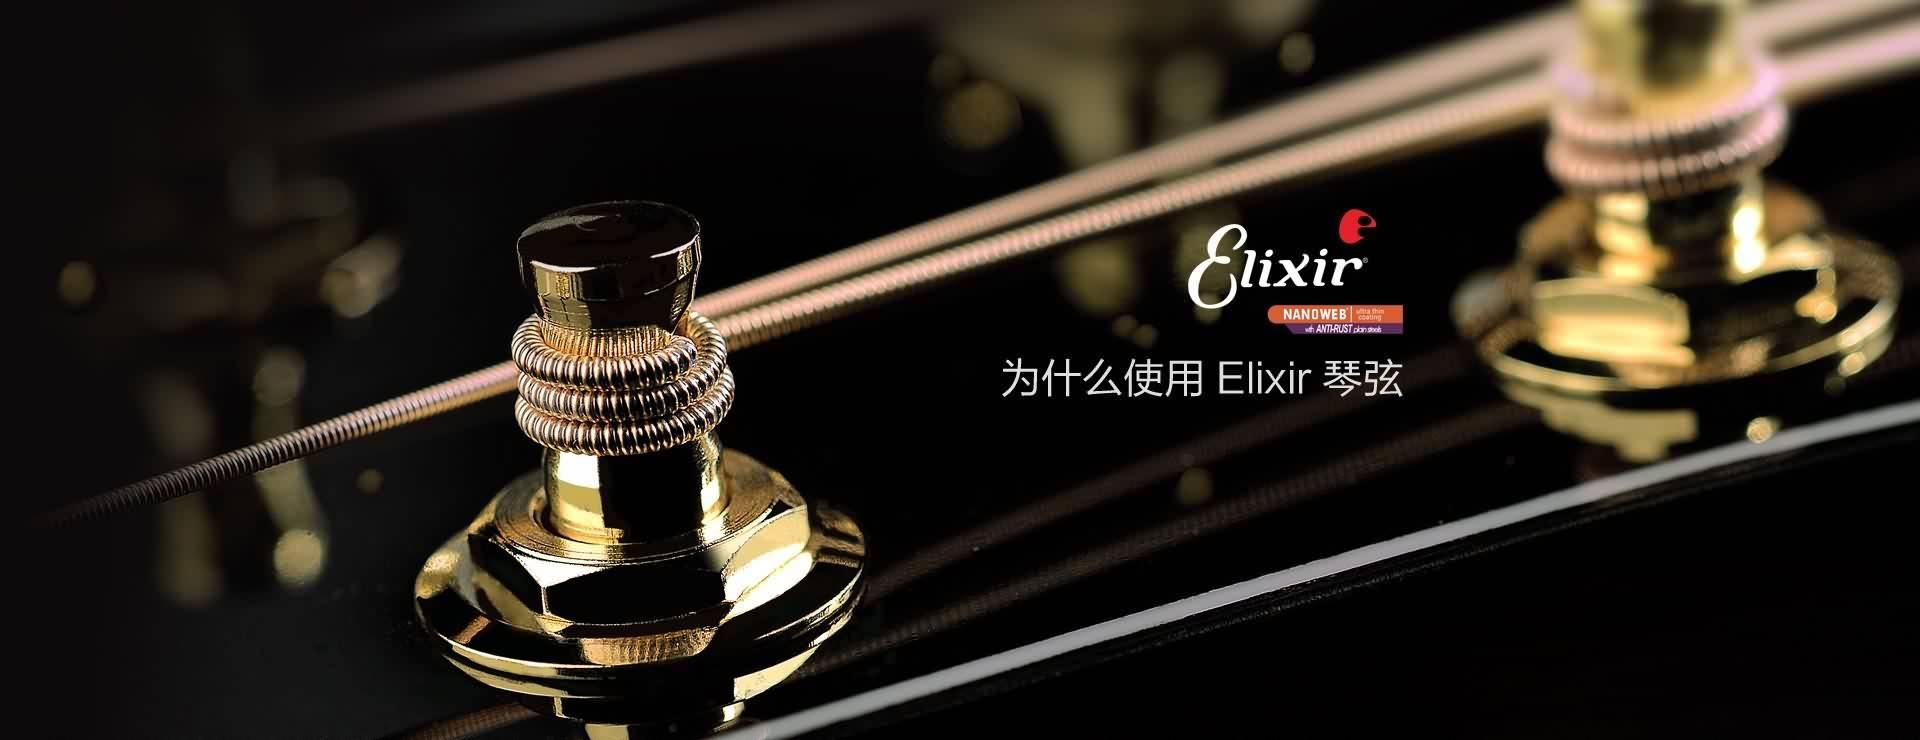 Elixir 琴弦